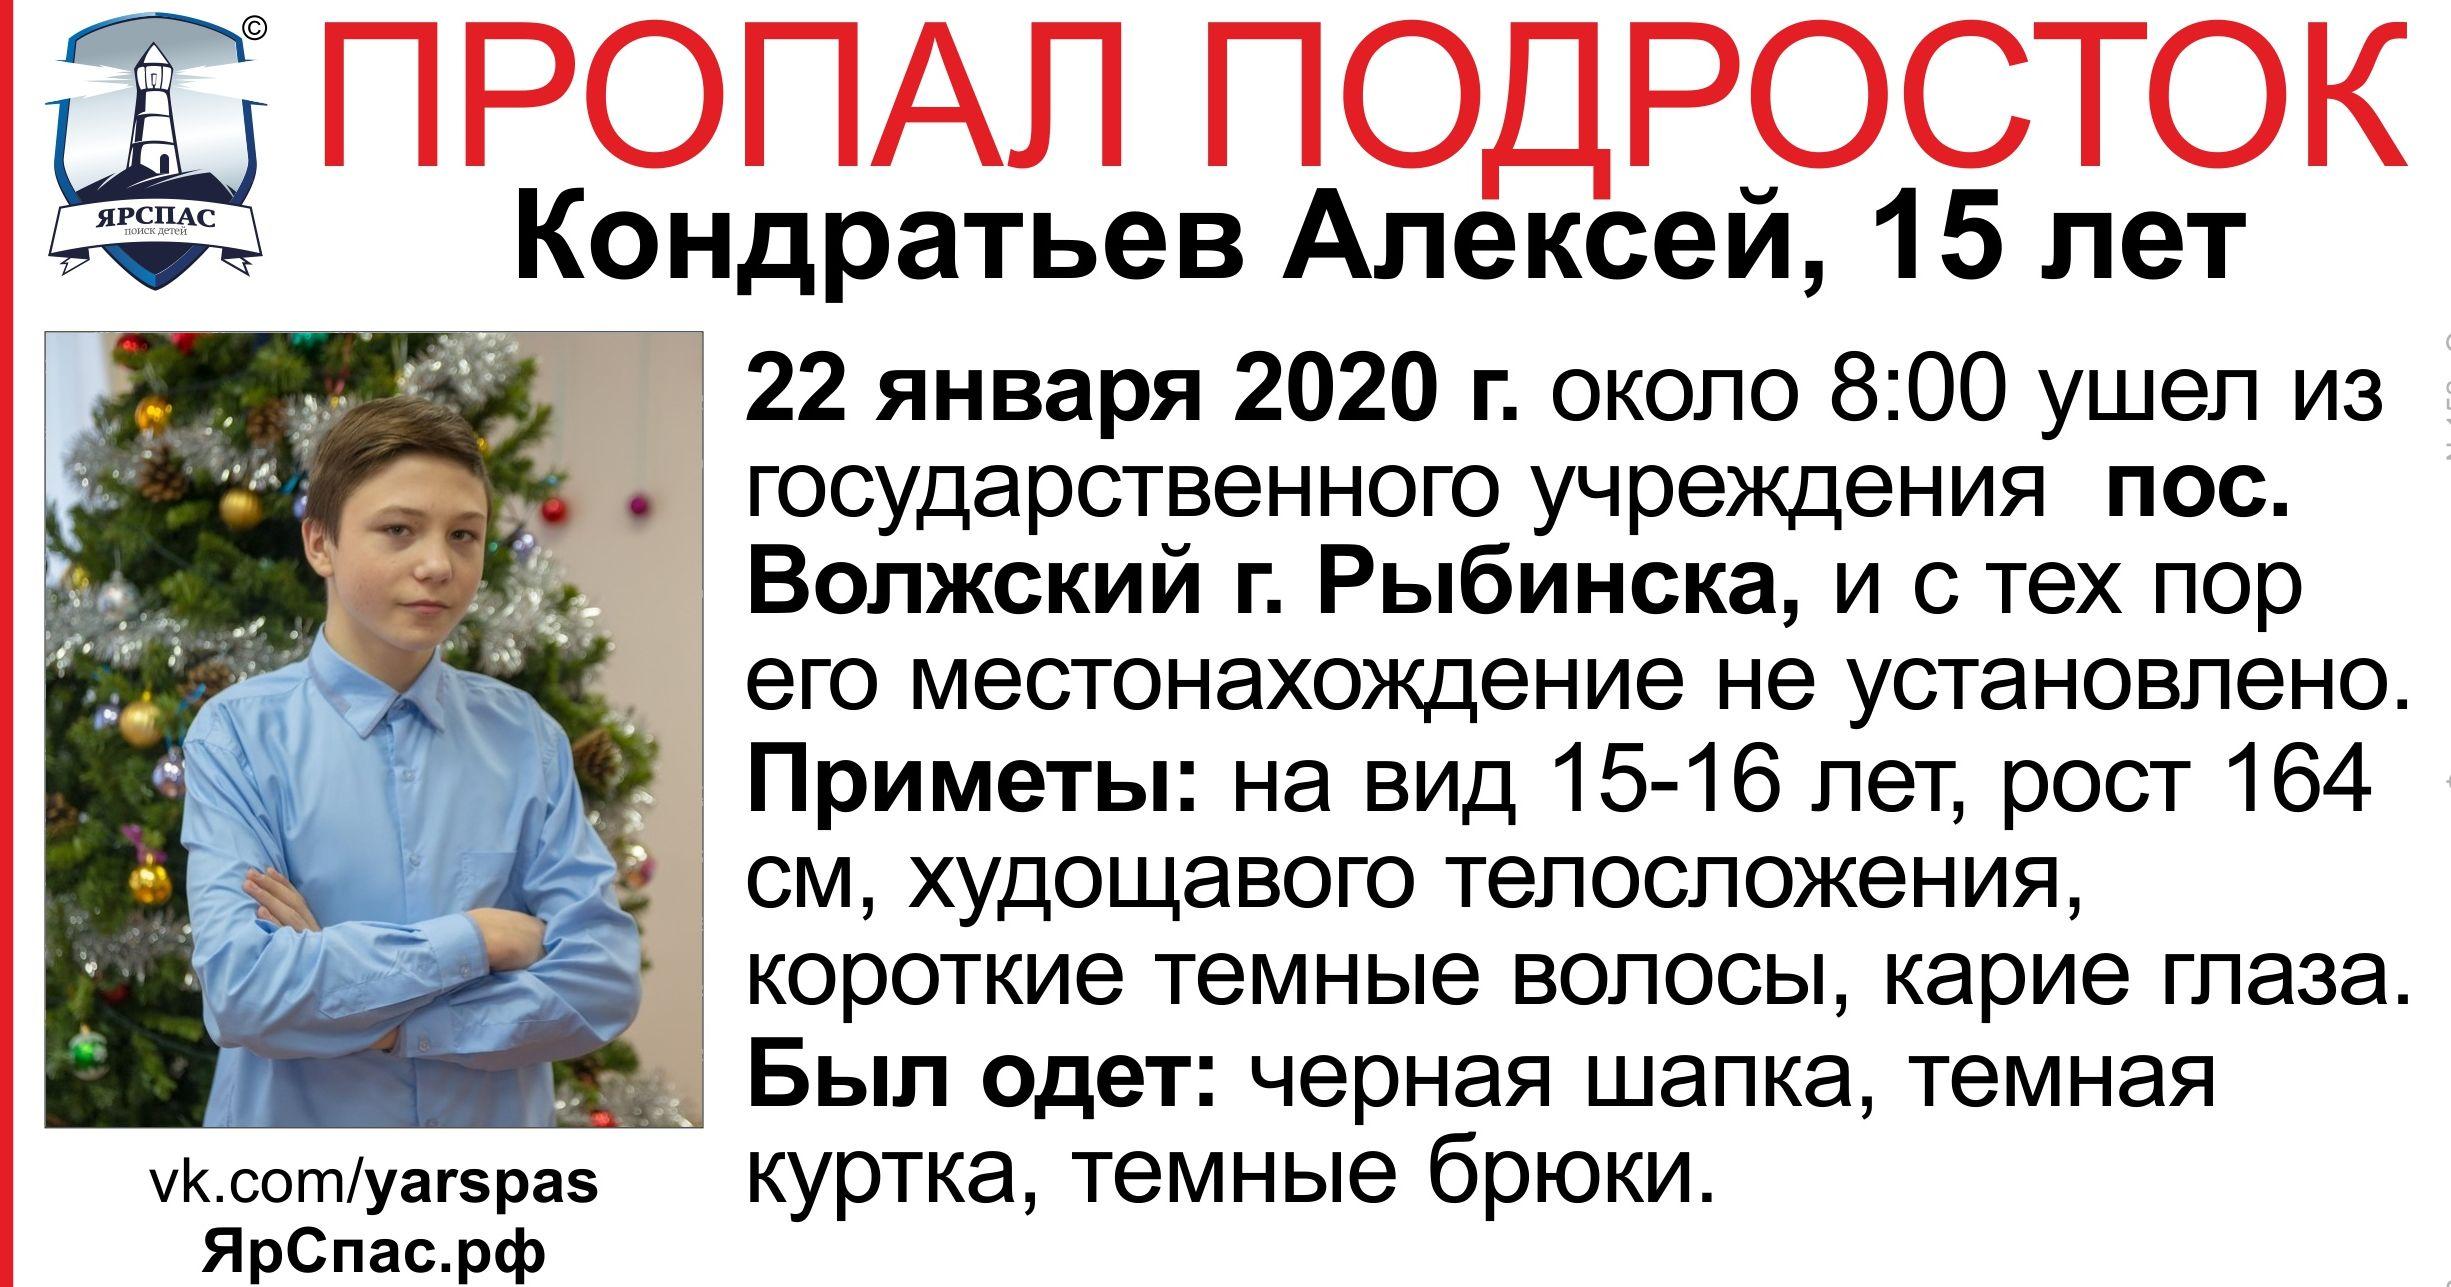 В Рыбинске пропал 15-летний школьник